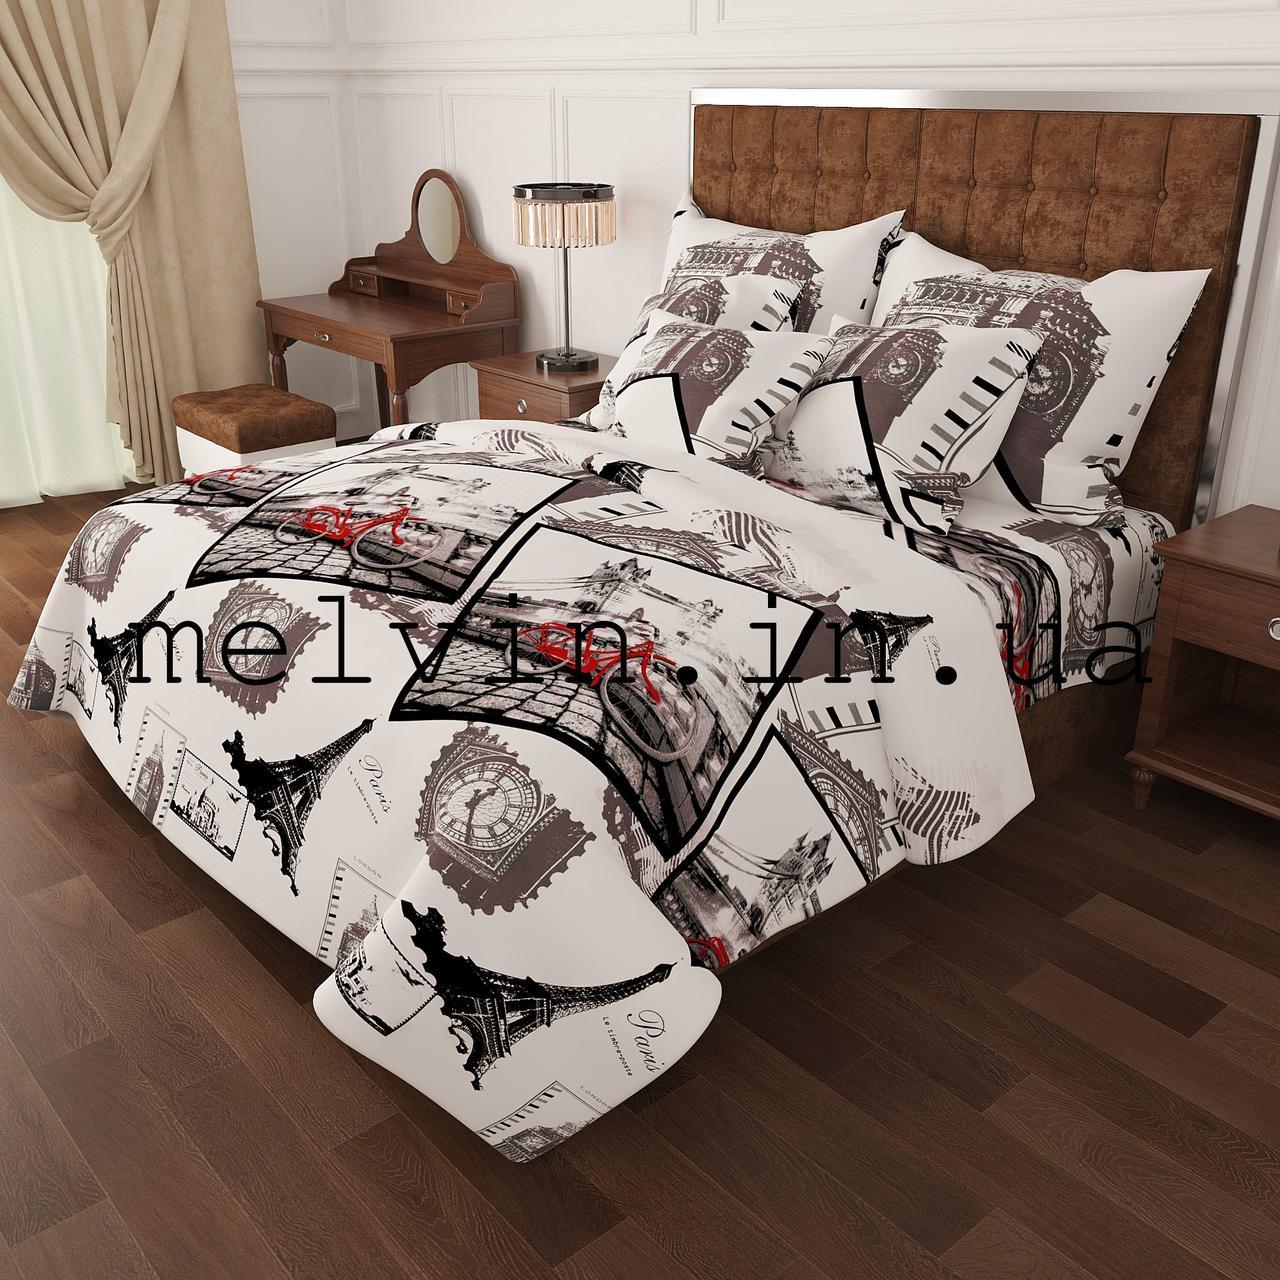 5fc343b606aa Комплект постельного белья бязь евро КАЧЕСТВО ЛЮКС Paris: продажа ...